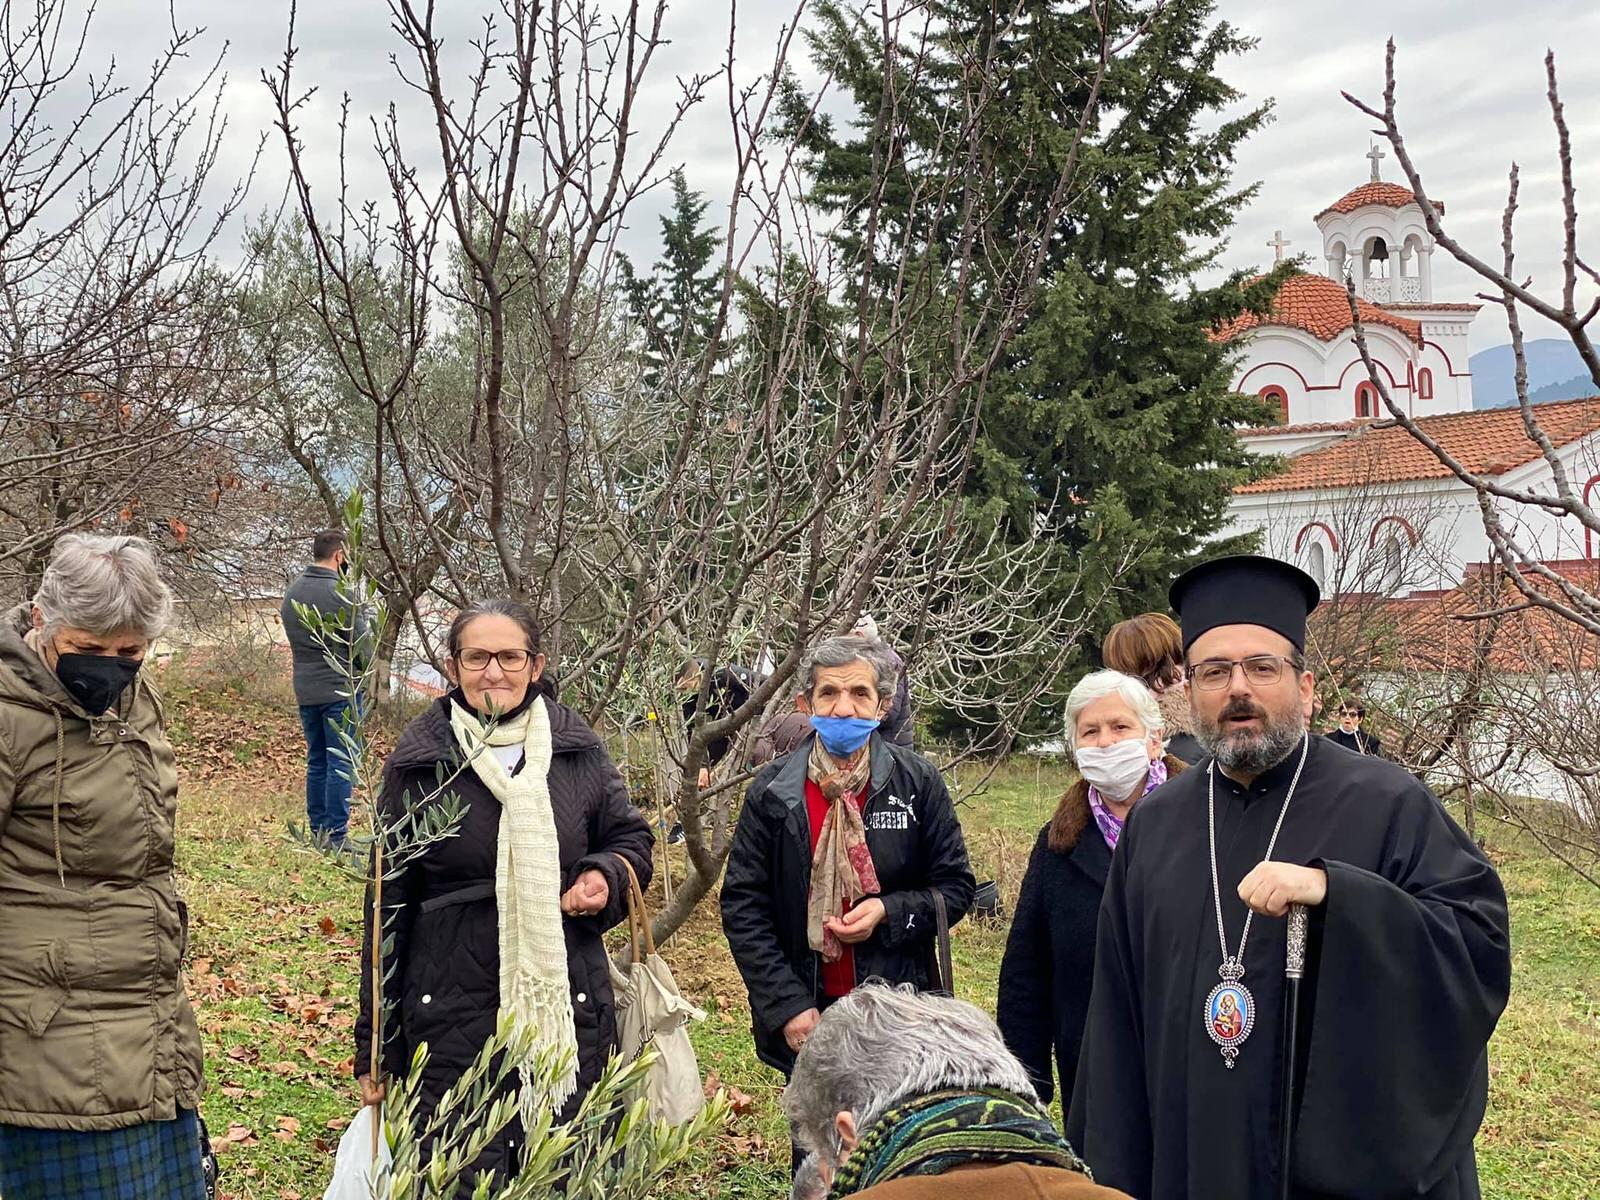 Μητρόπολη Ελμπασάν Δενδροφύτευση Αλβανία 2020